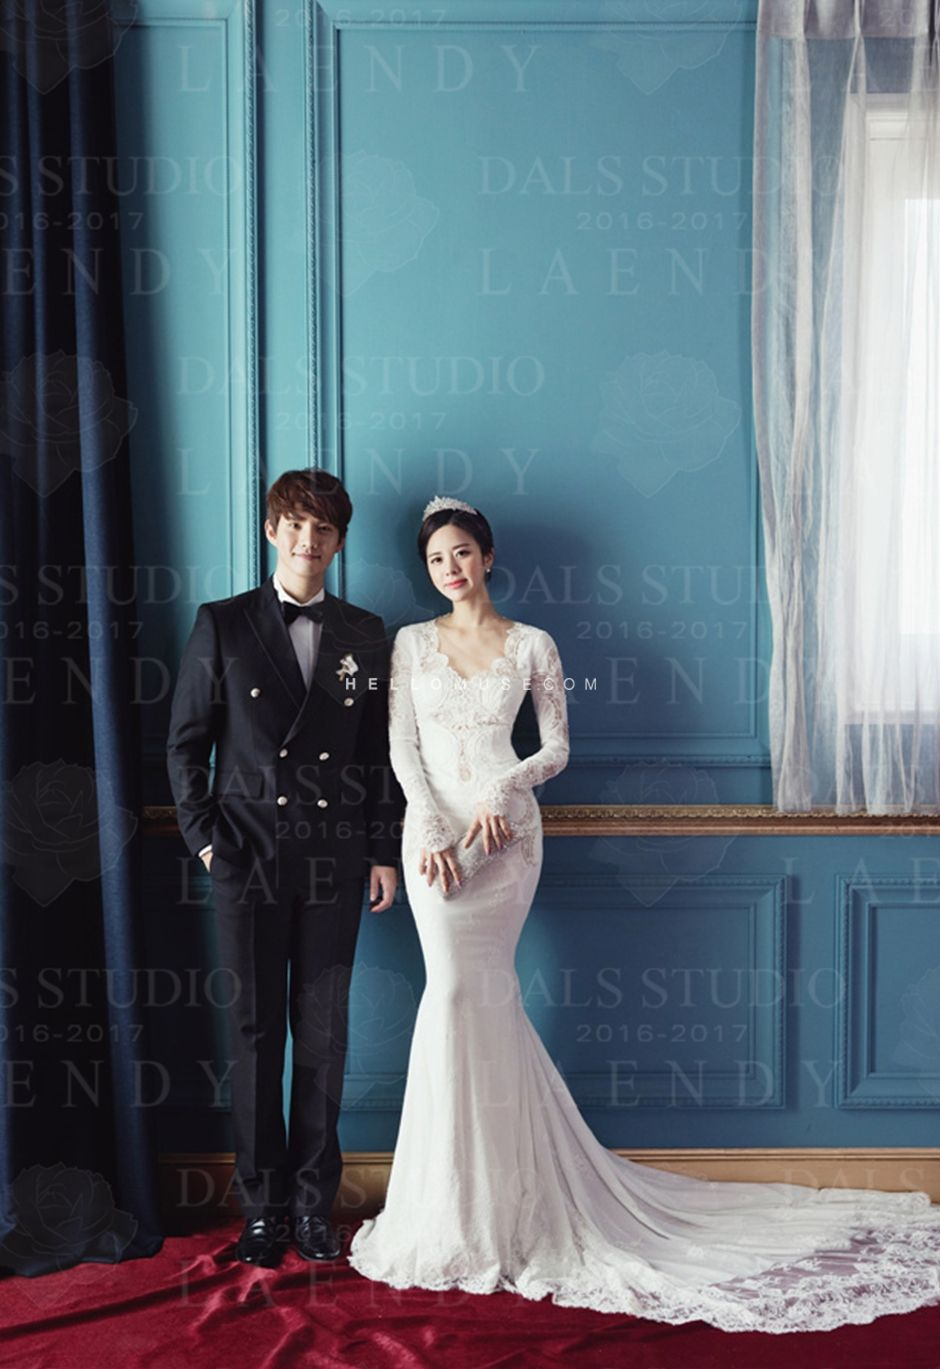 Fine Pre Wedding Dress Contemporary - Wedding Ideas - memiocall.com